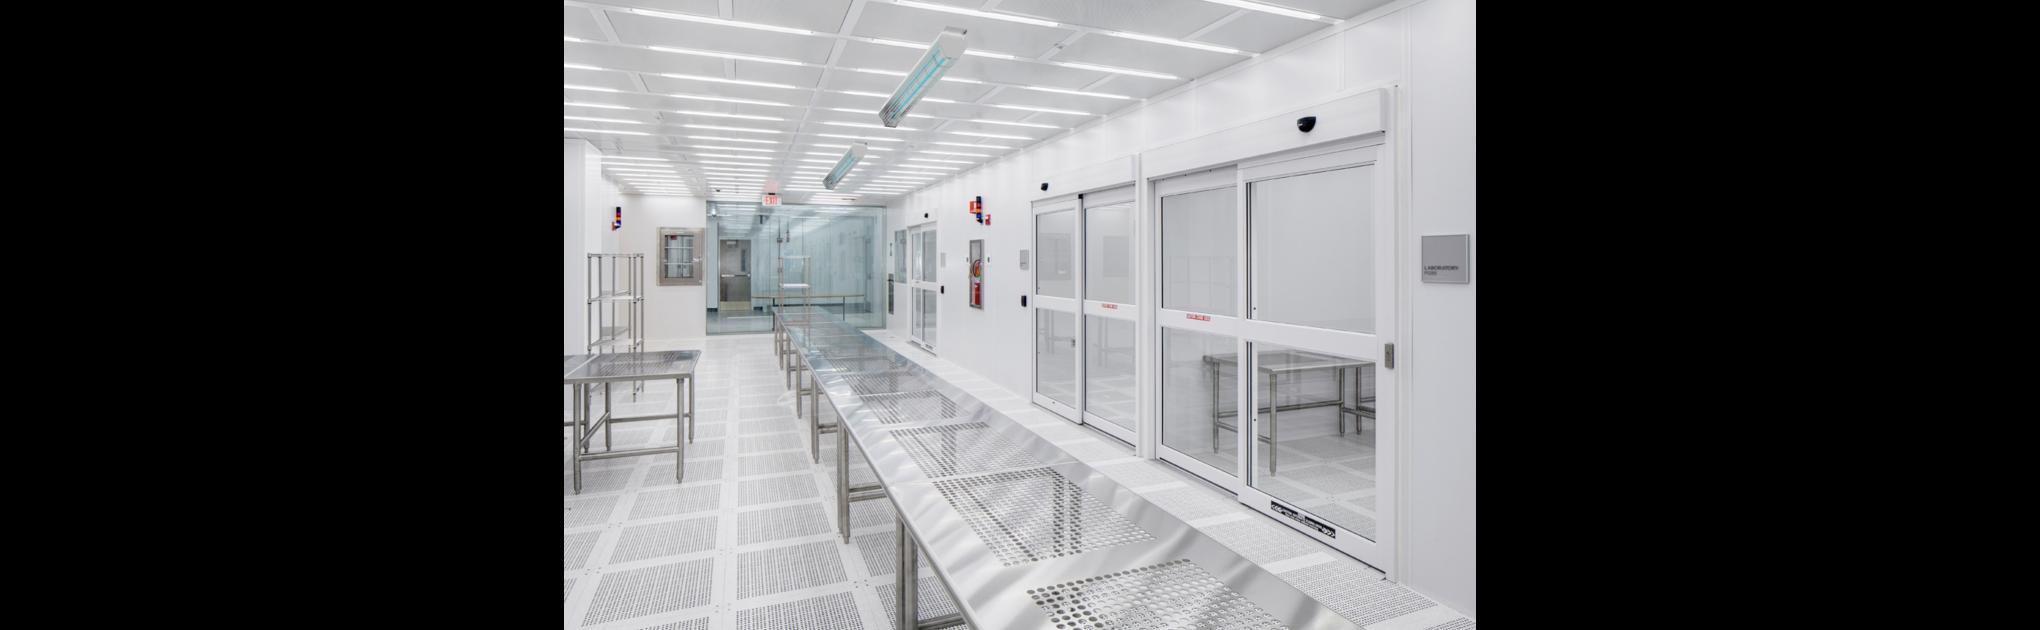 Laboratoorium